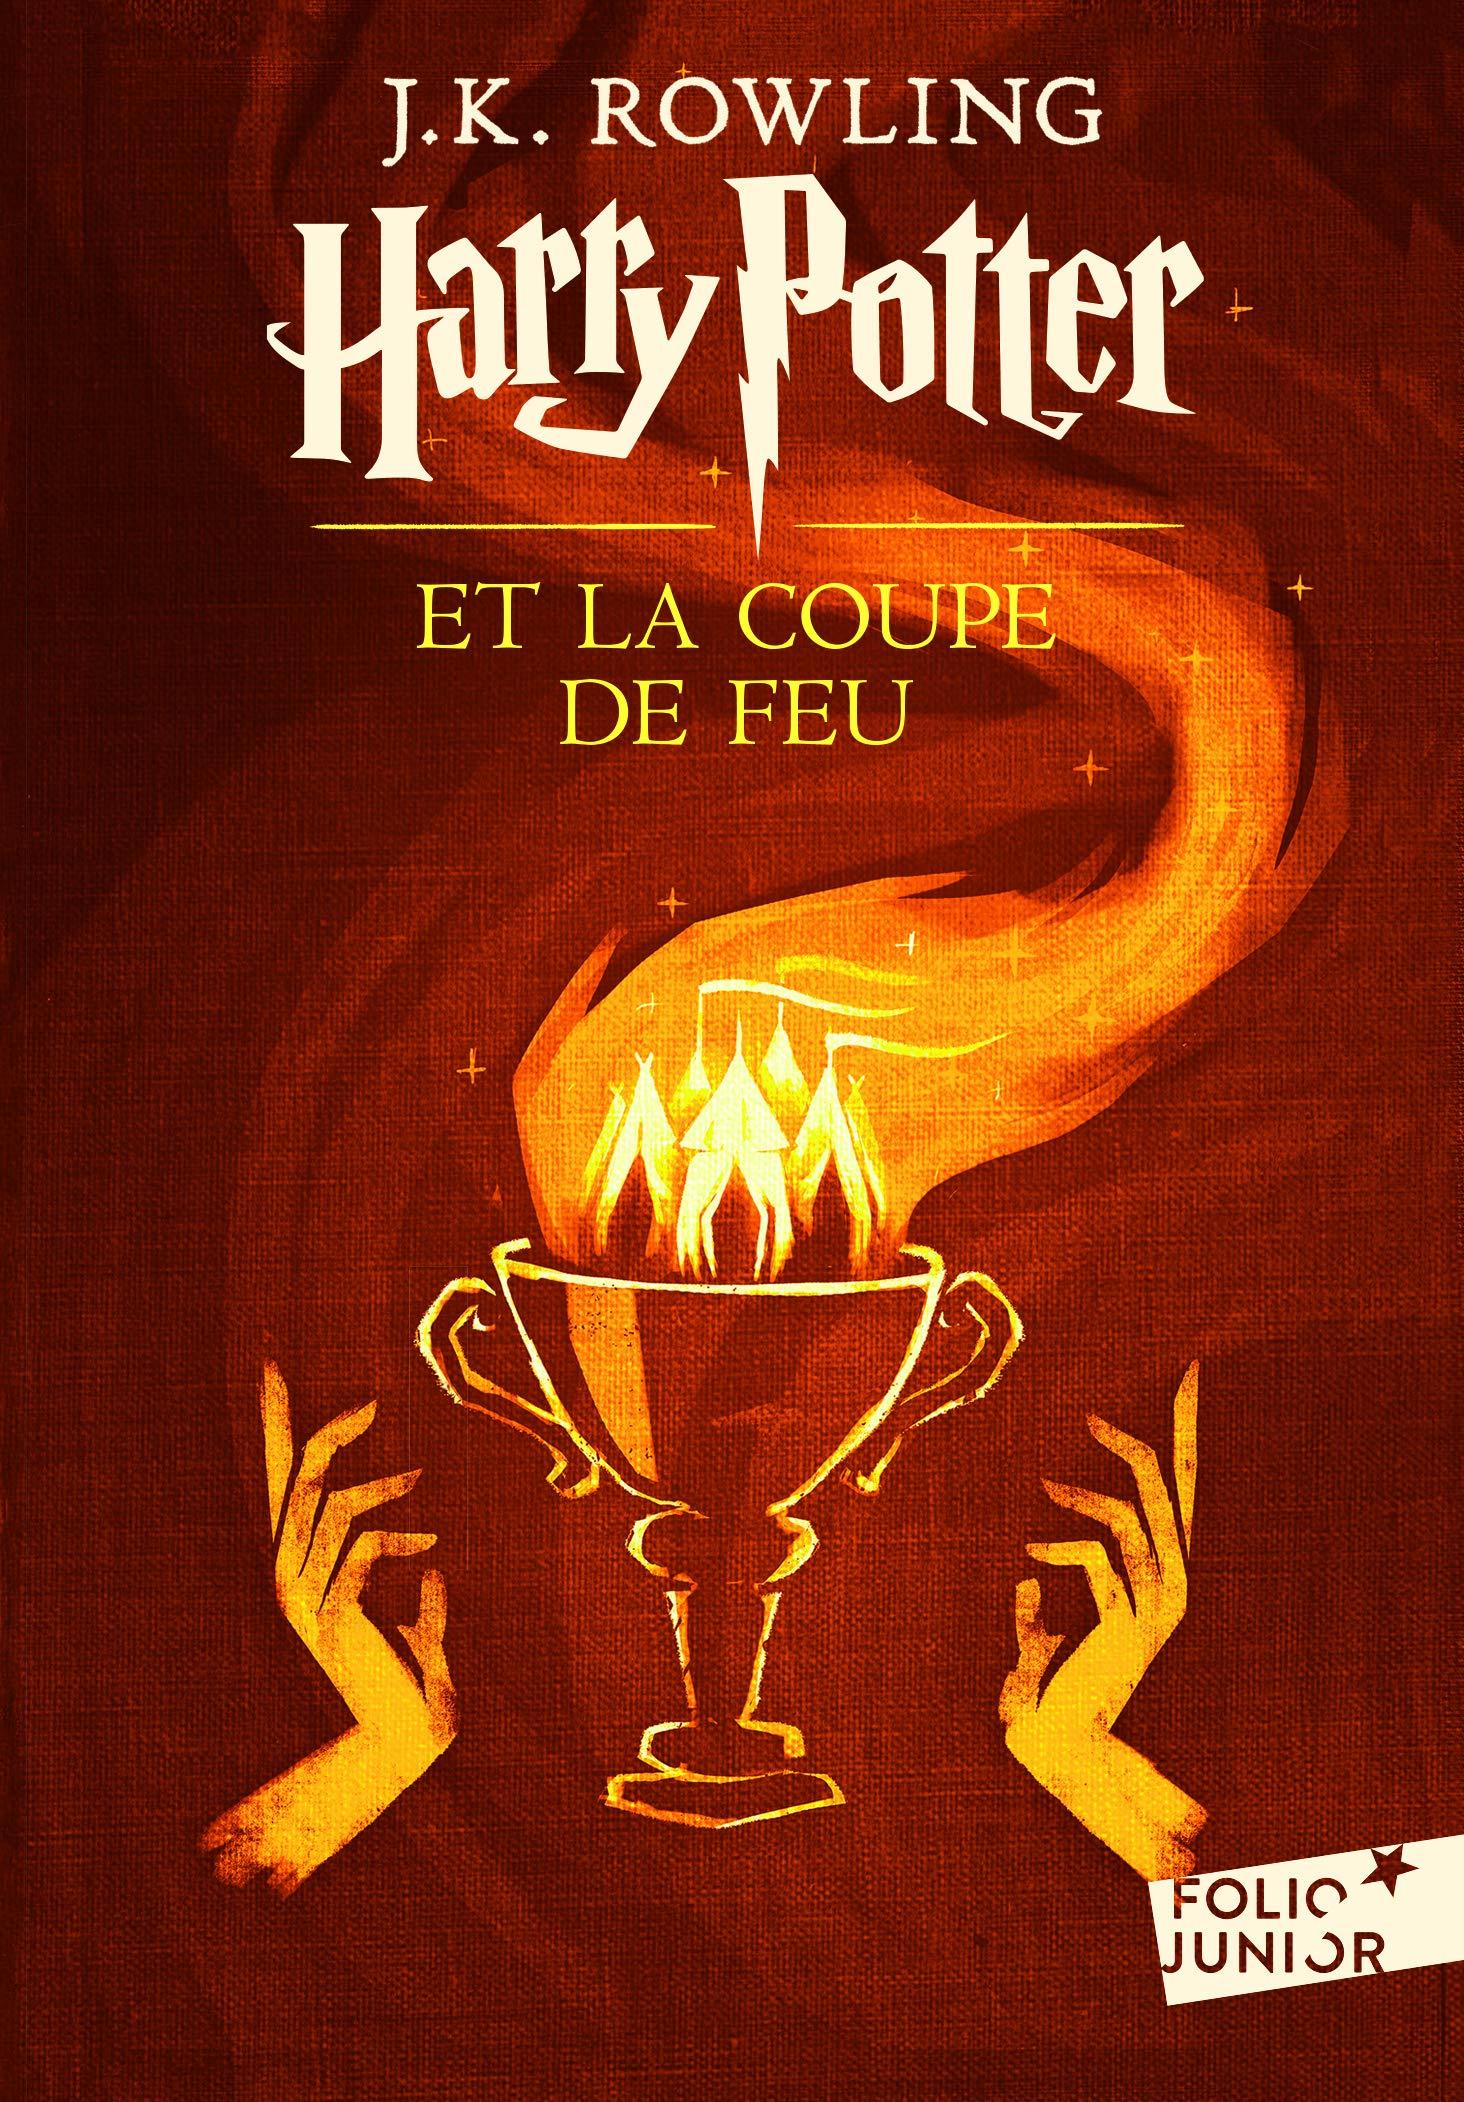 Harry Potter, IV:Harry Potter et la Coupe de Feu Poche – 12 octobre 2017 J. K. Rowling Jean-François Ménard Folio Junior 2070585204